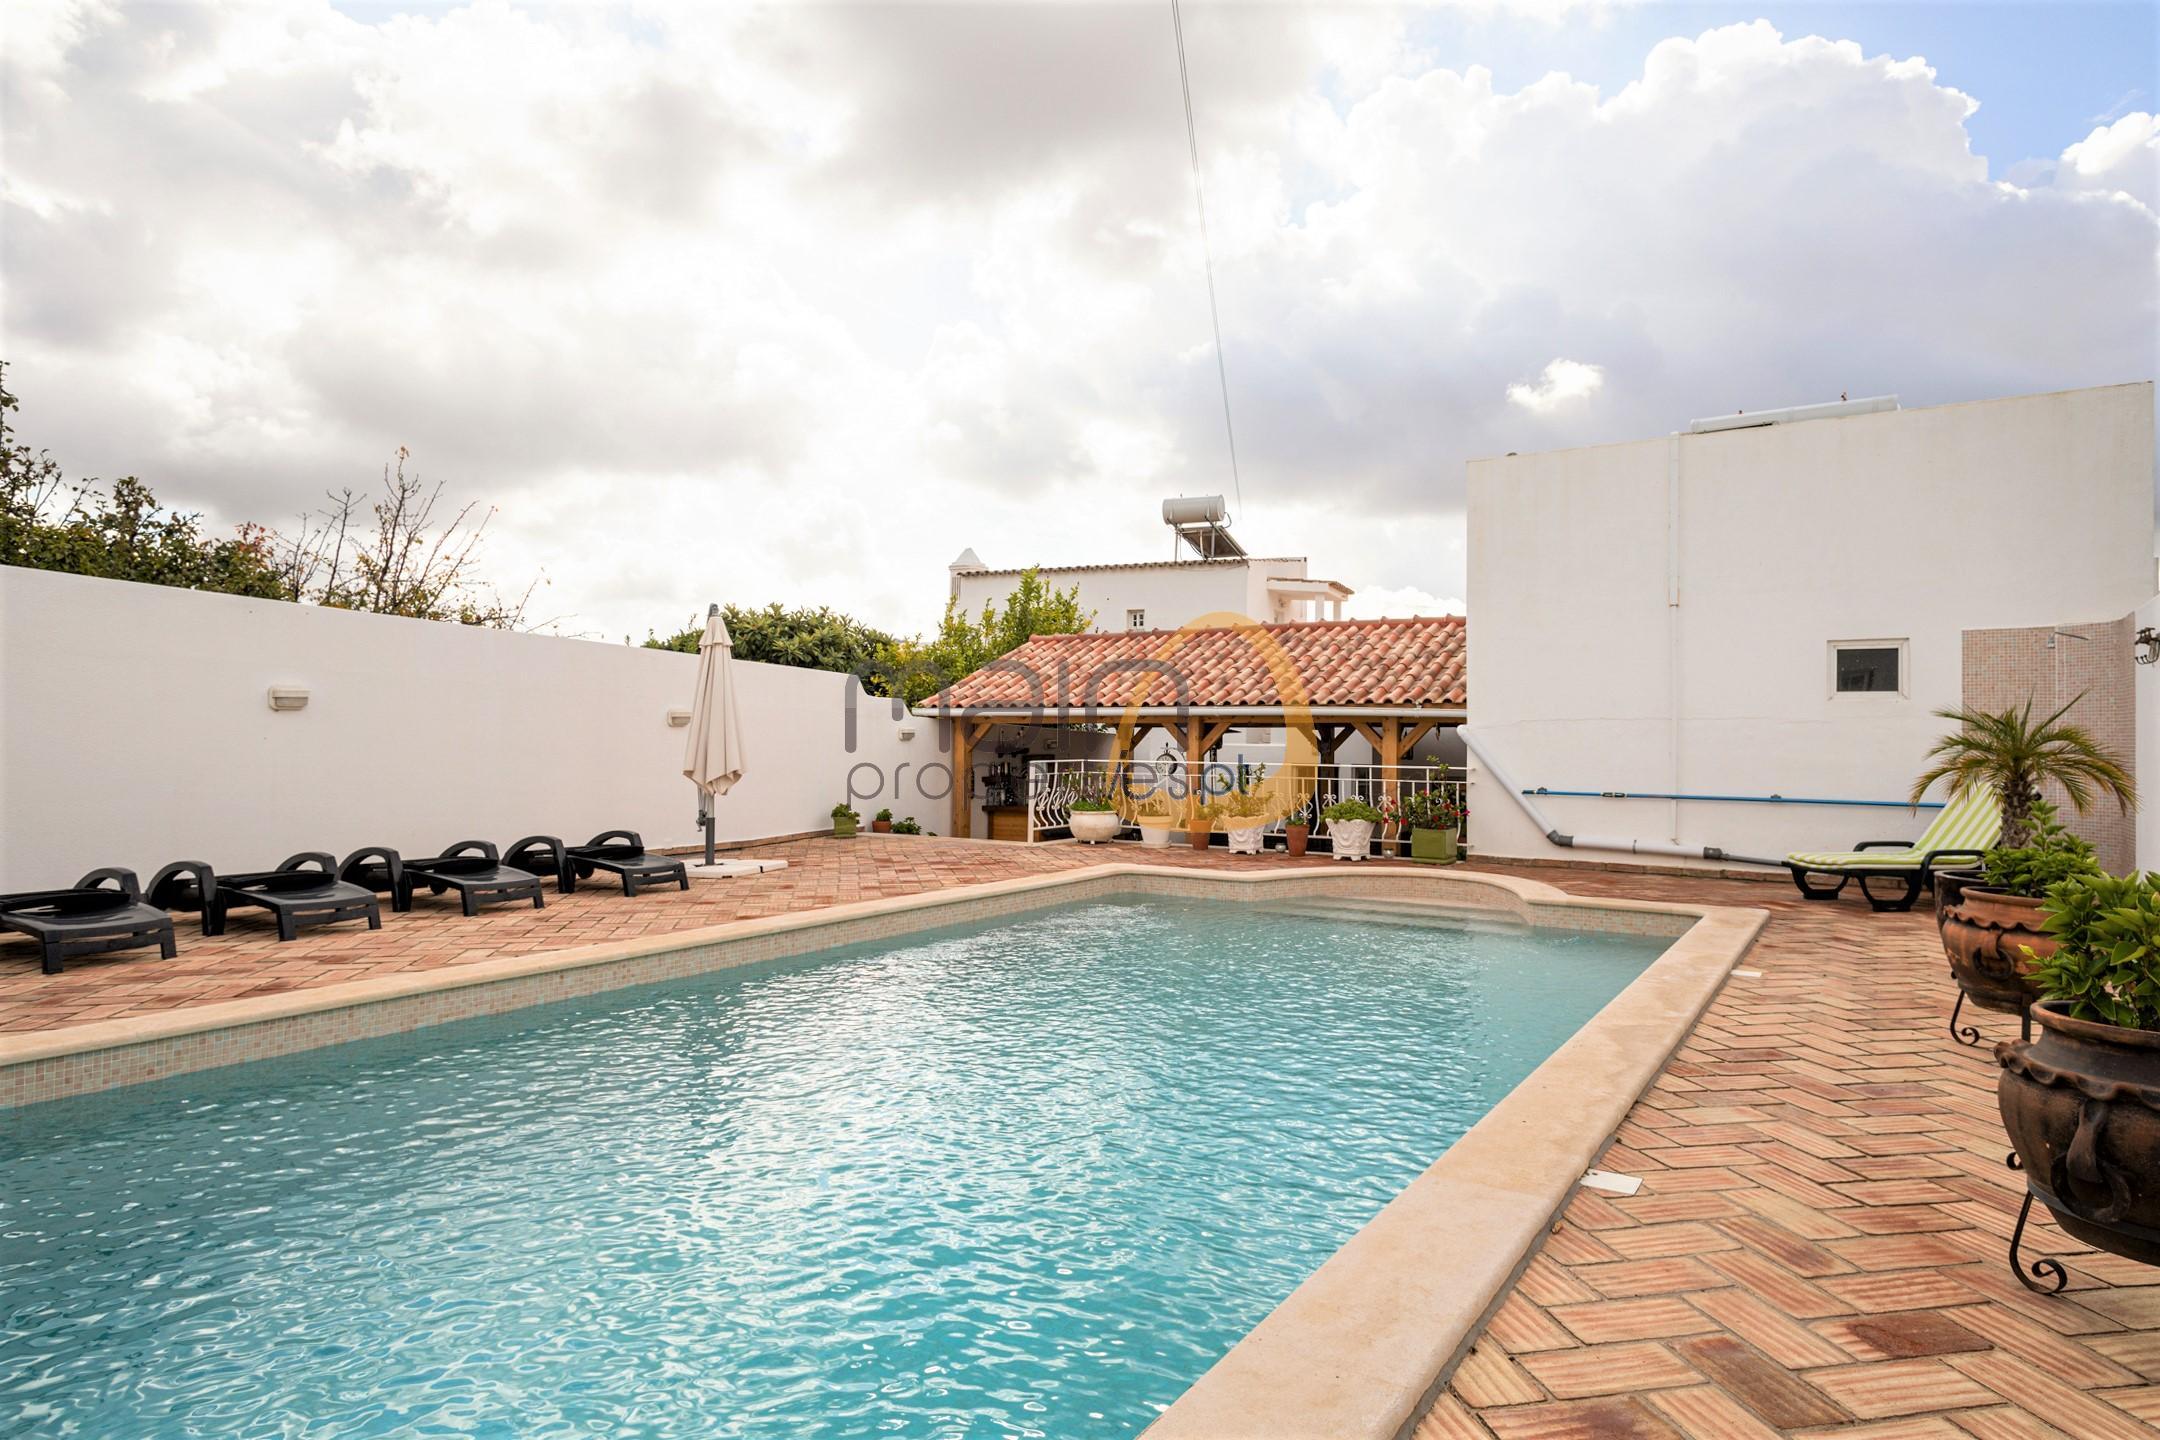 Villa with 3 bedrooms + apartment in São Brás de Alportel